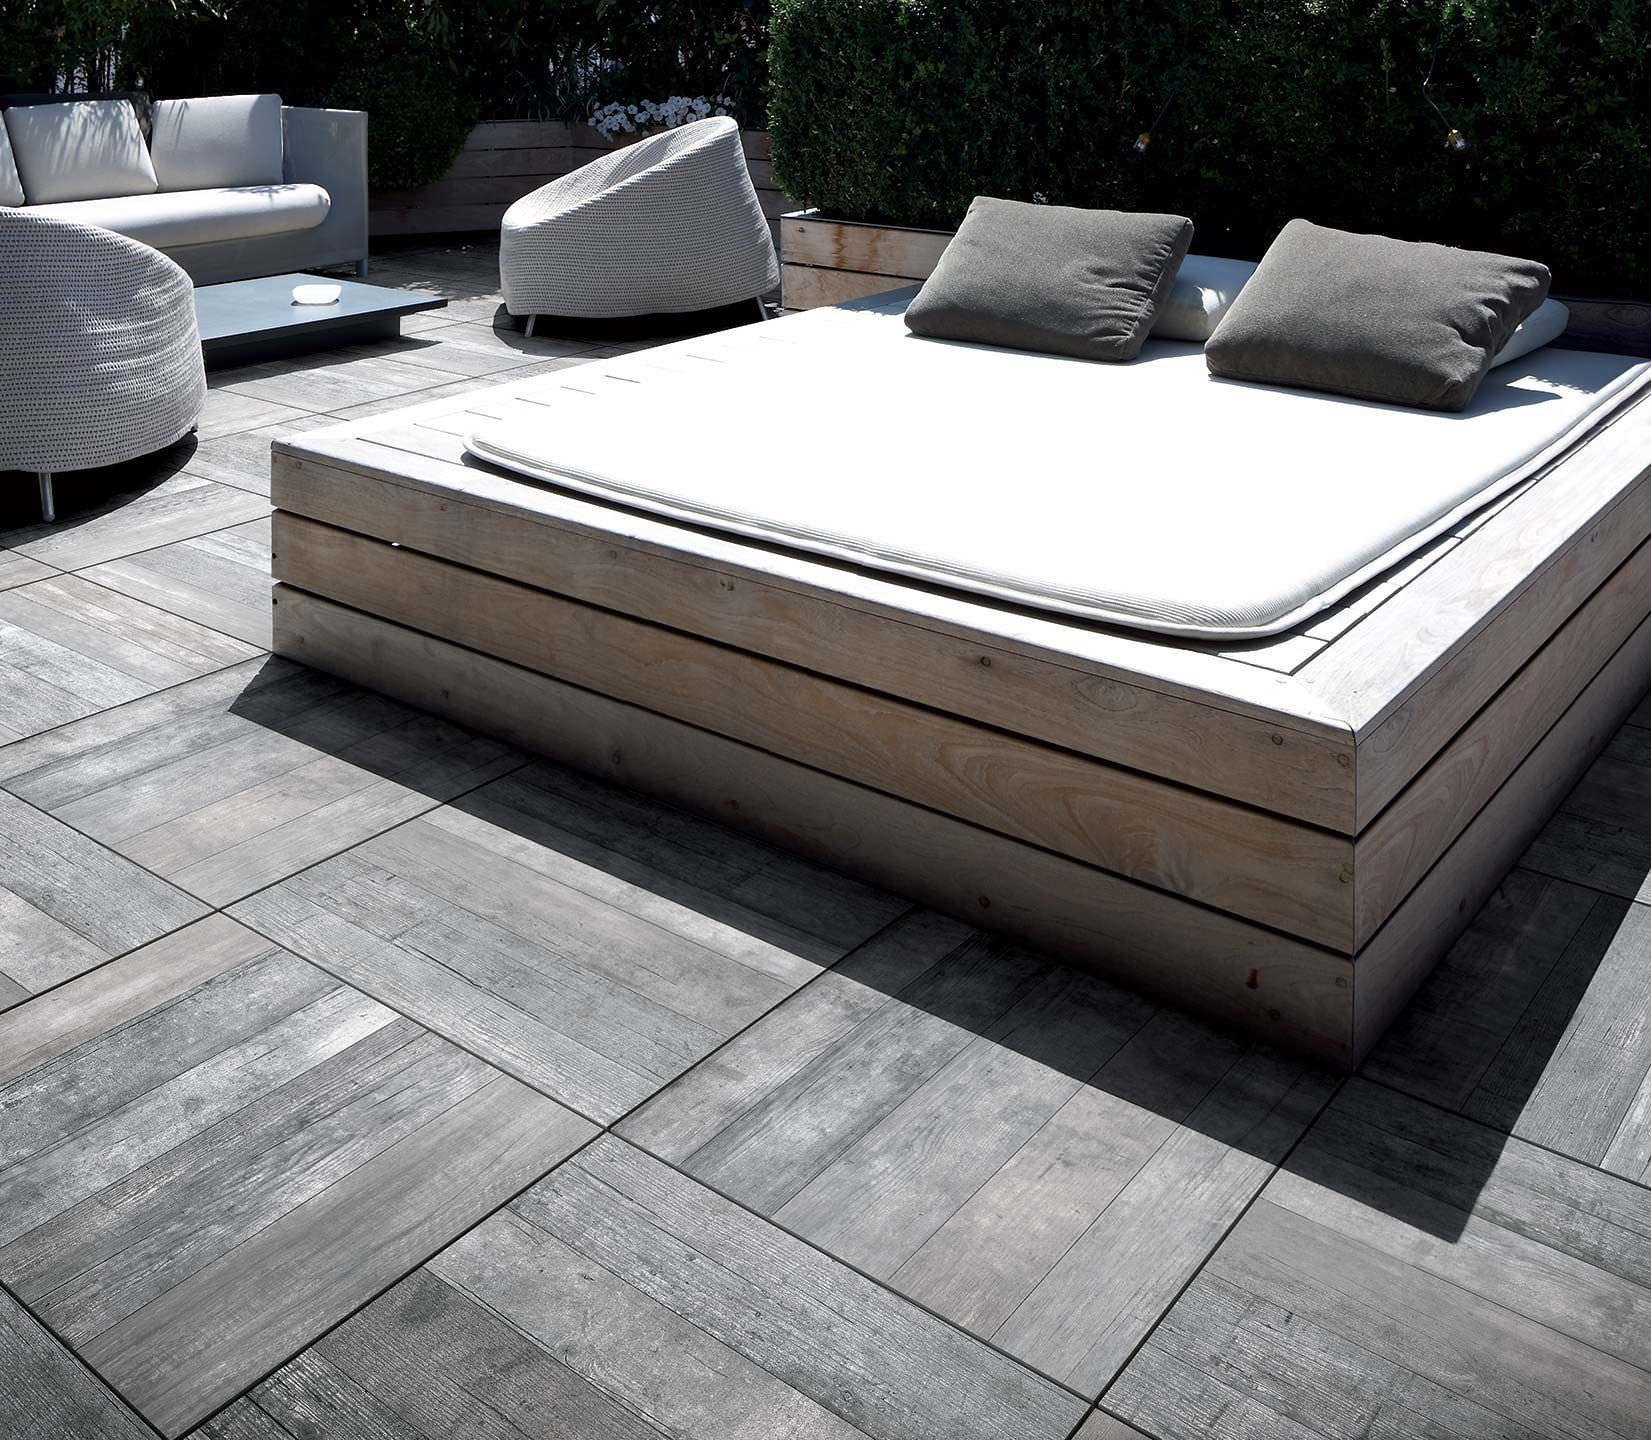 Gut Innenbereich-Fliesen / für Außenbereich / Garten / Fußboden - ICON  XC47